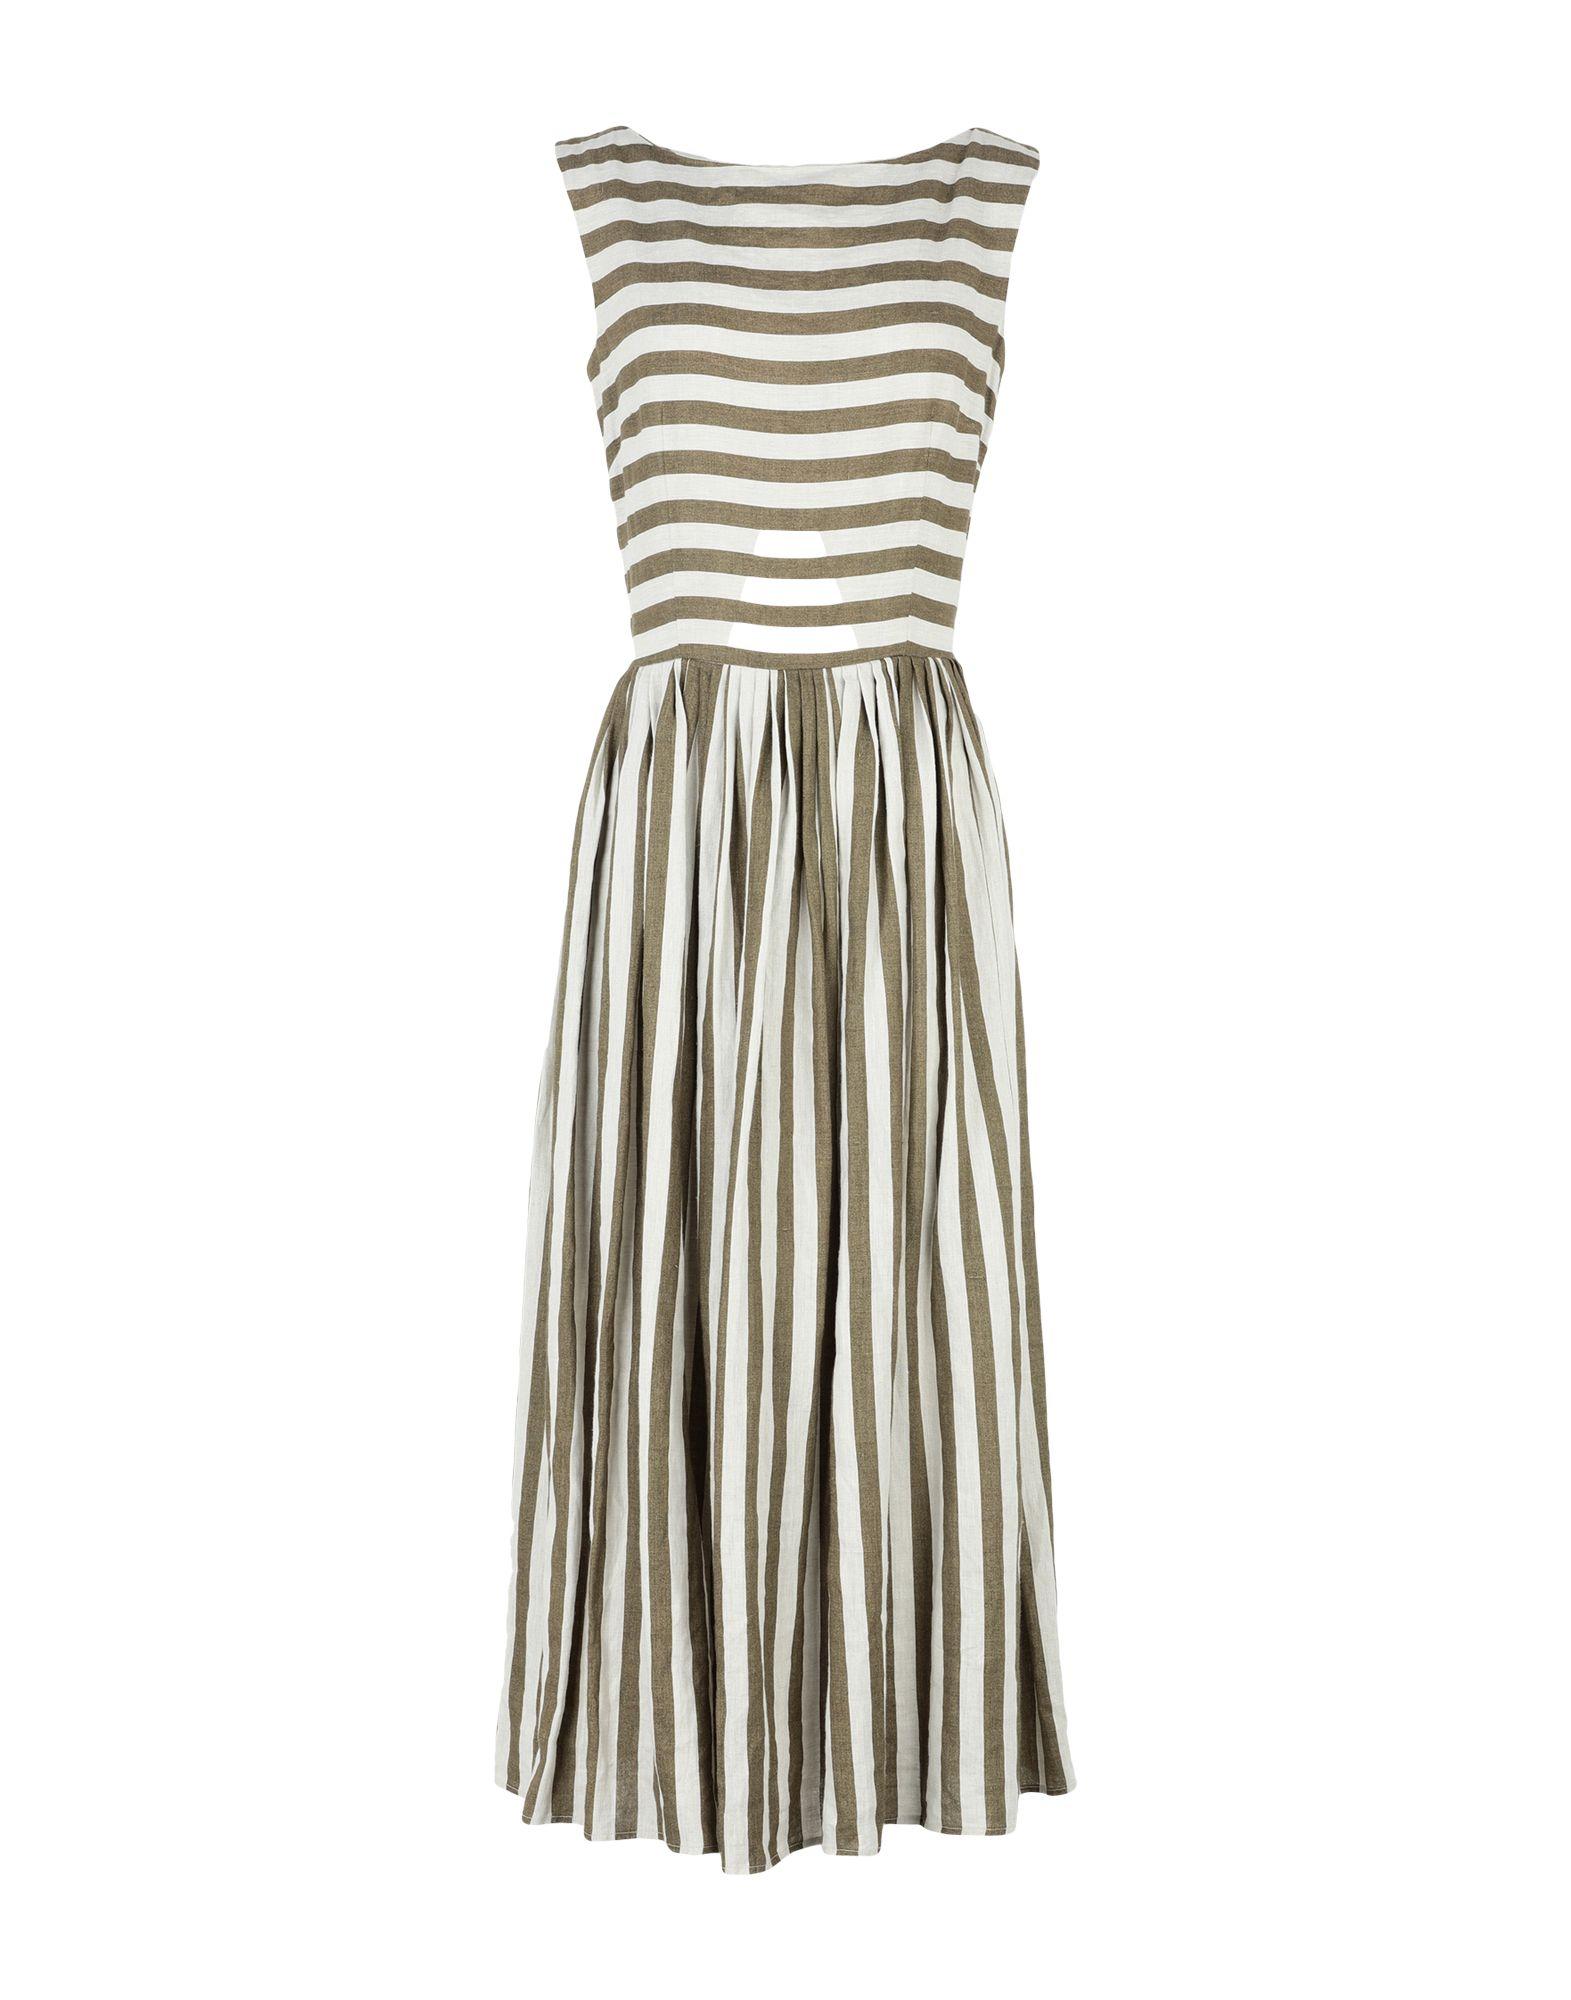 TRADITION NOVANTA3 Платье длиной 3/4